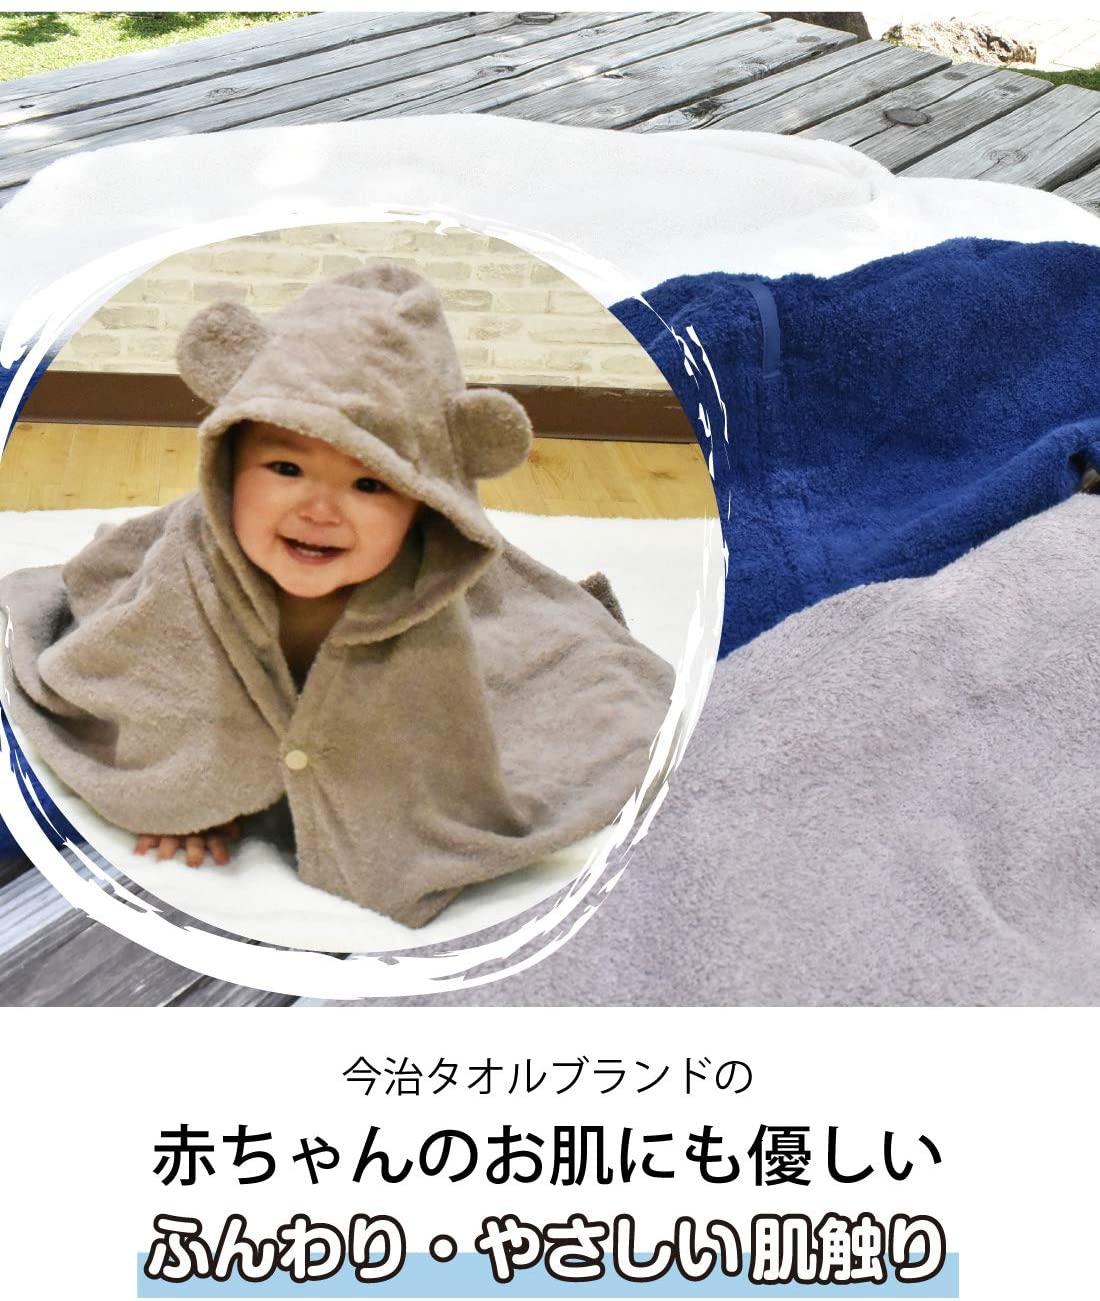 emoka(えもか)今治タオル ベビーバスローブの商品画像3